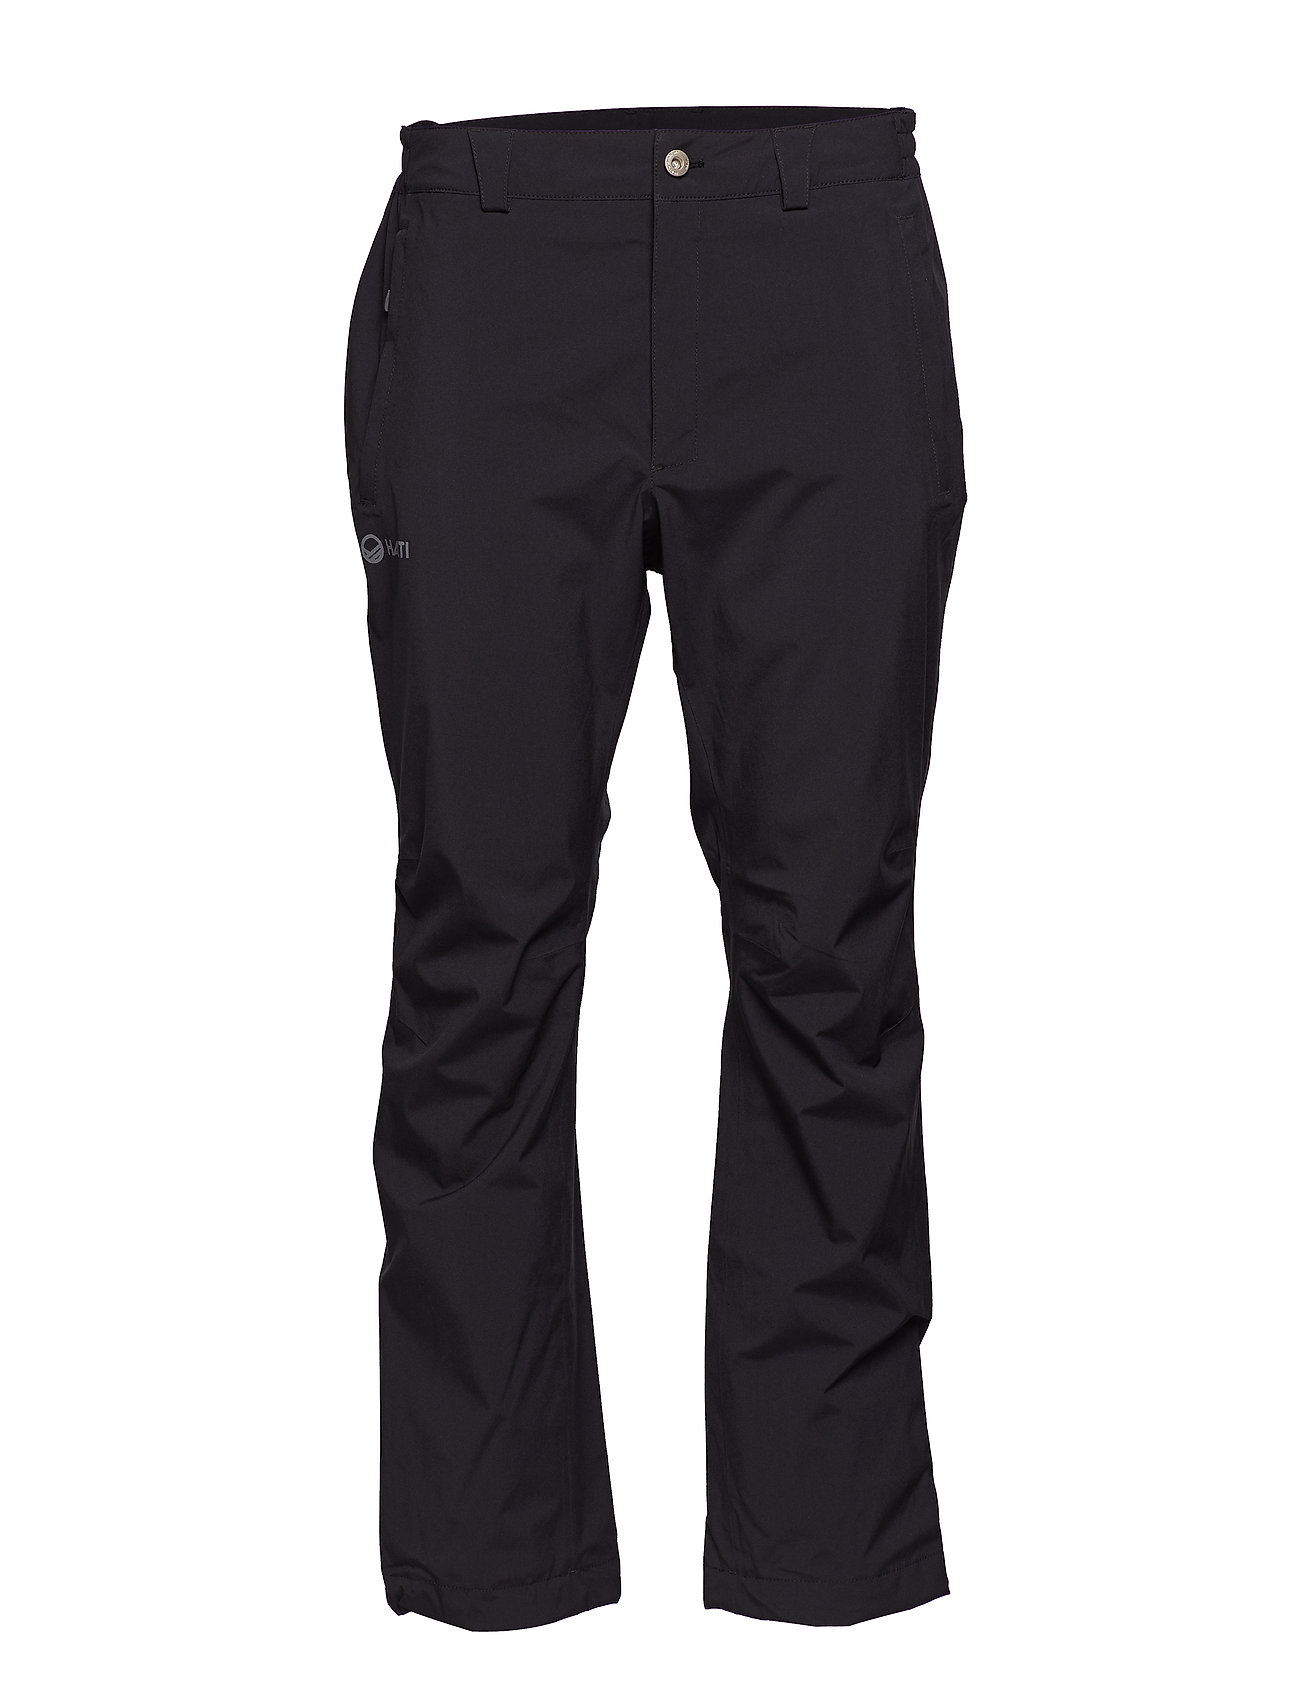 Halti Vuoksi M short Pants - BLACK